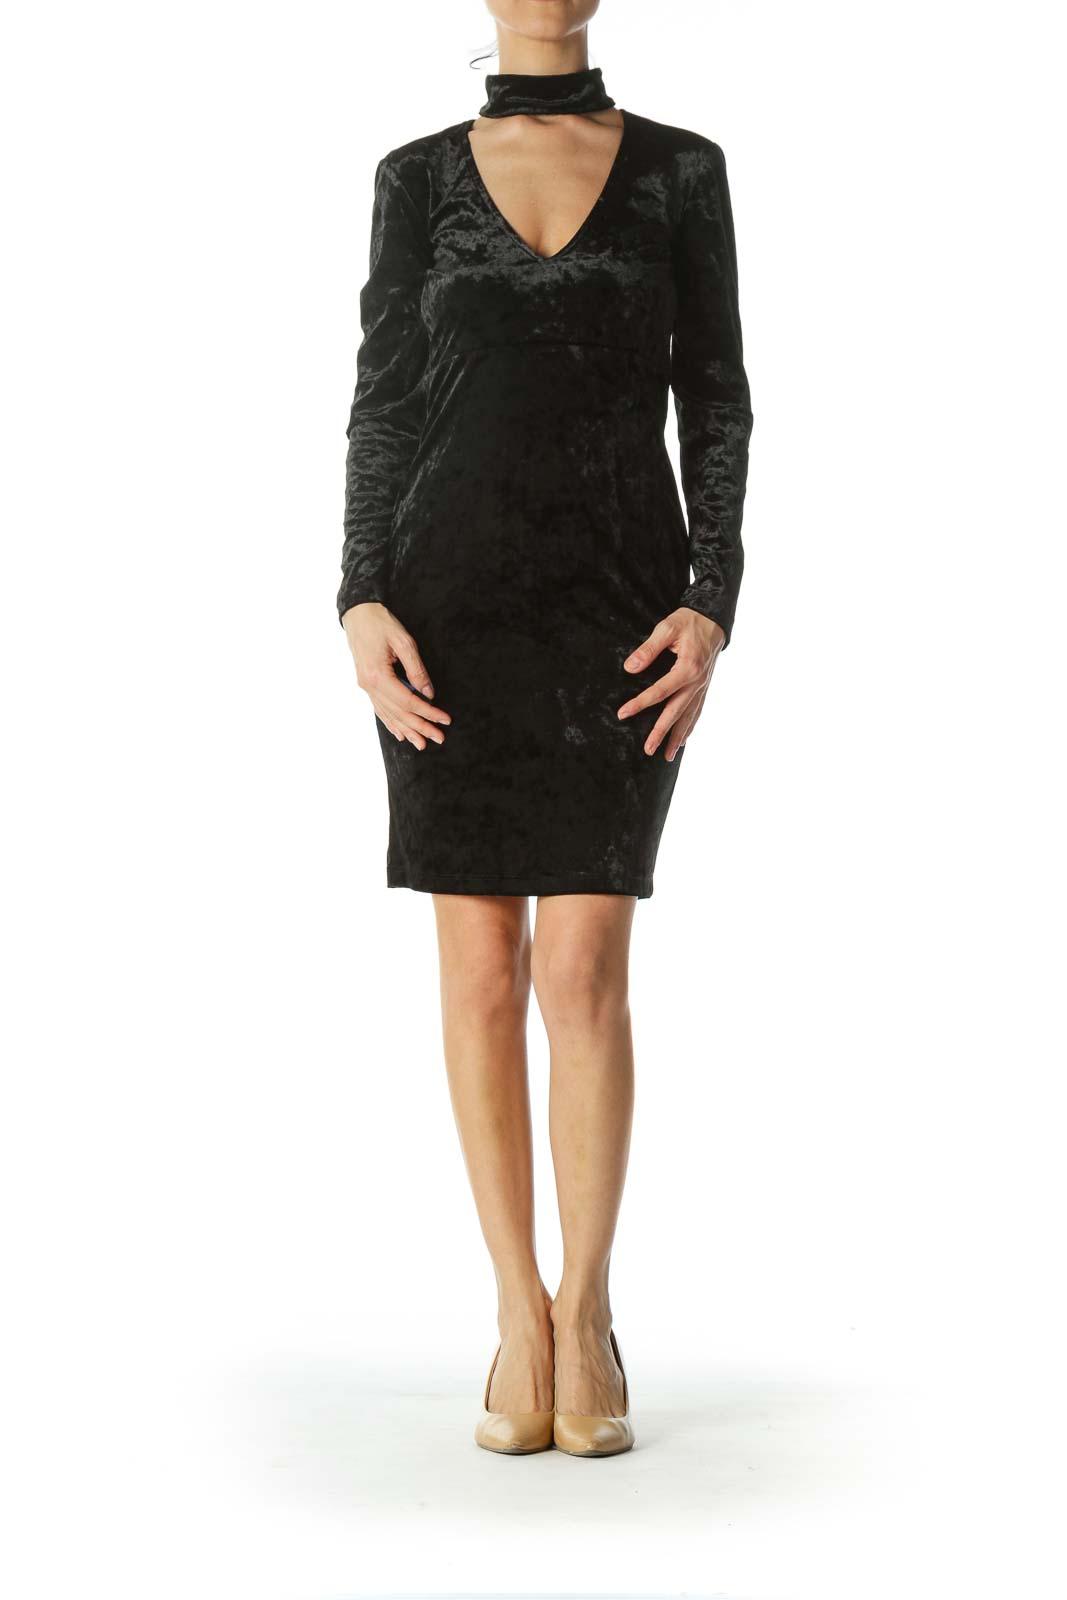 Black Velvet Dress with Choker